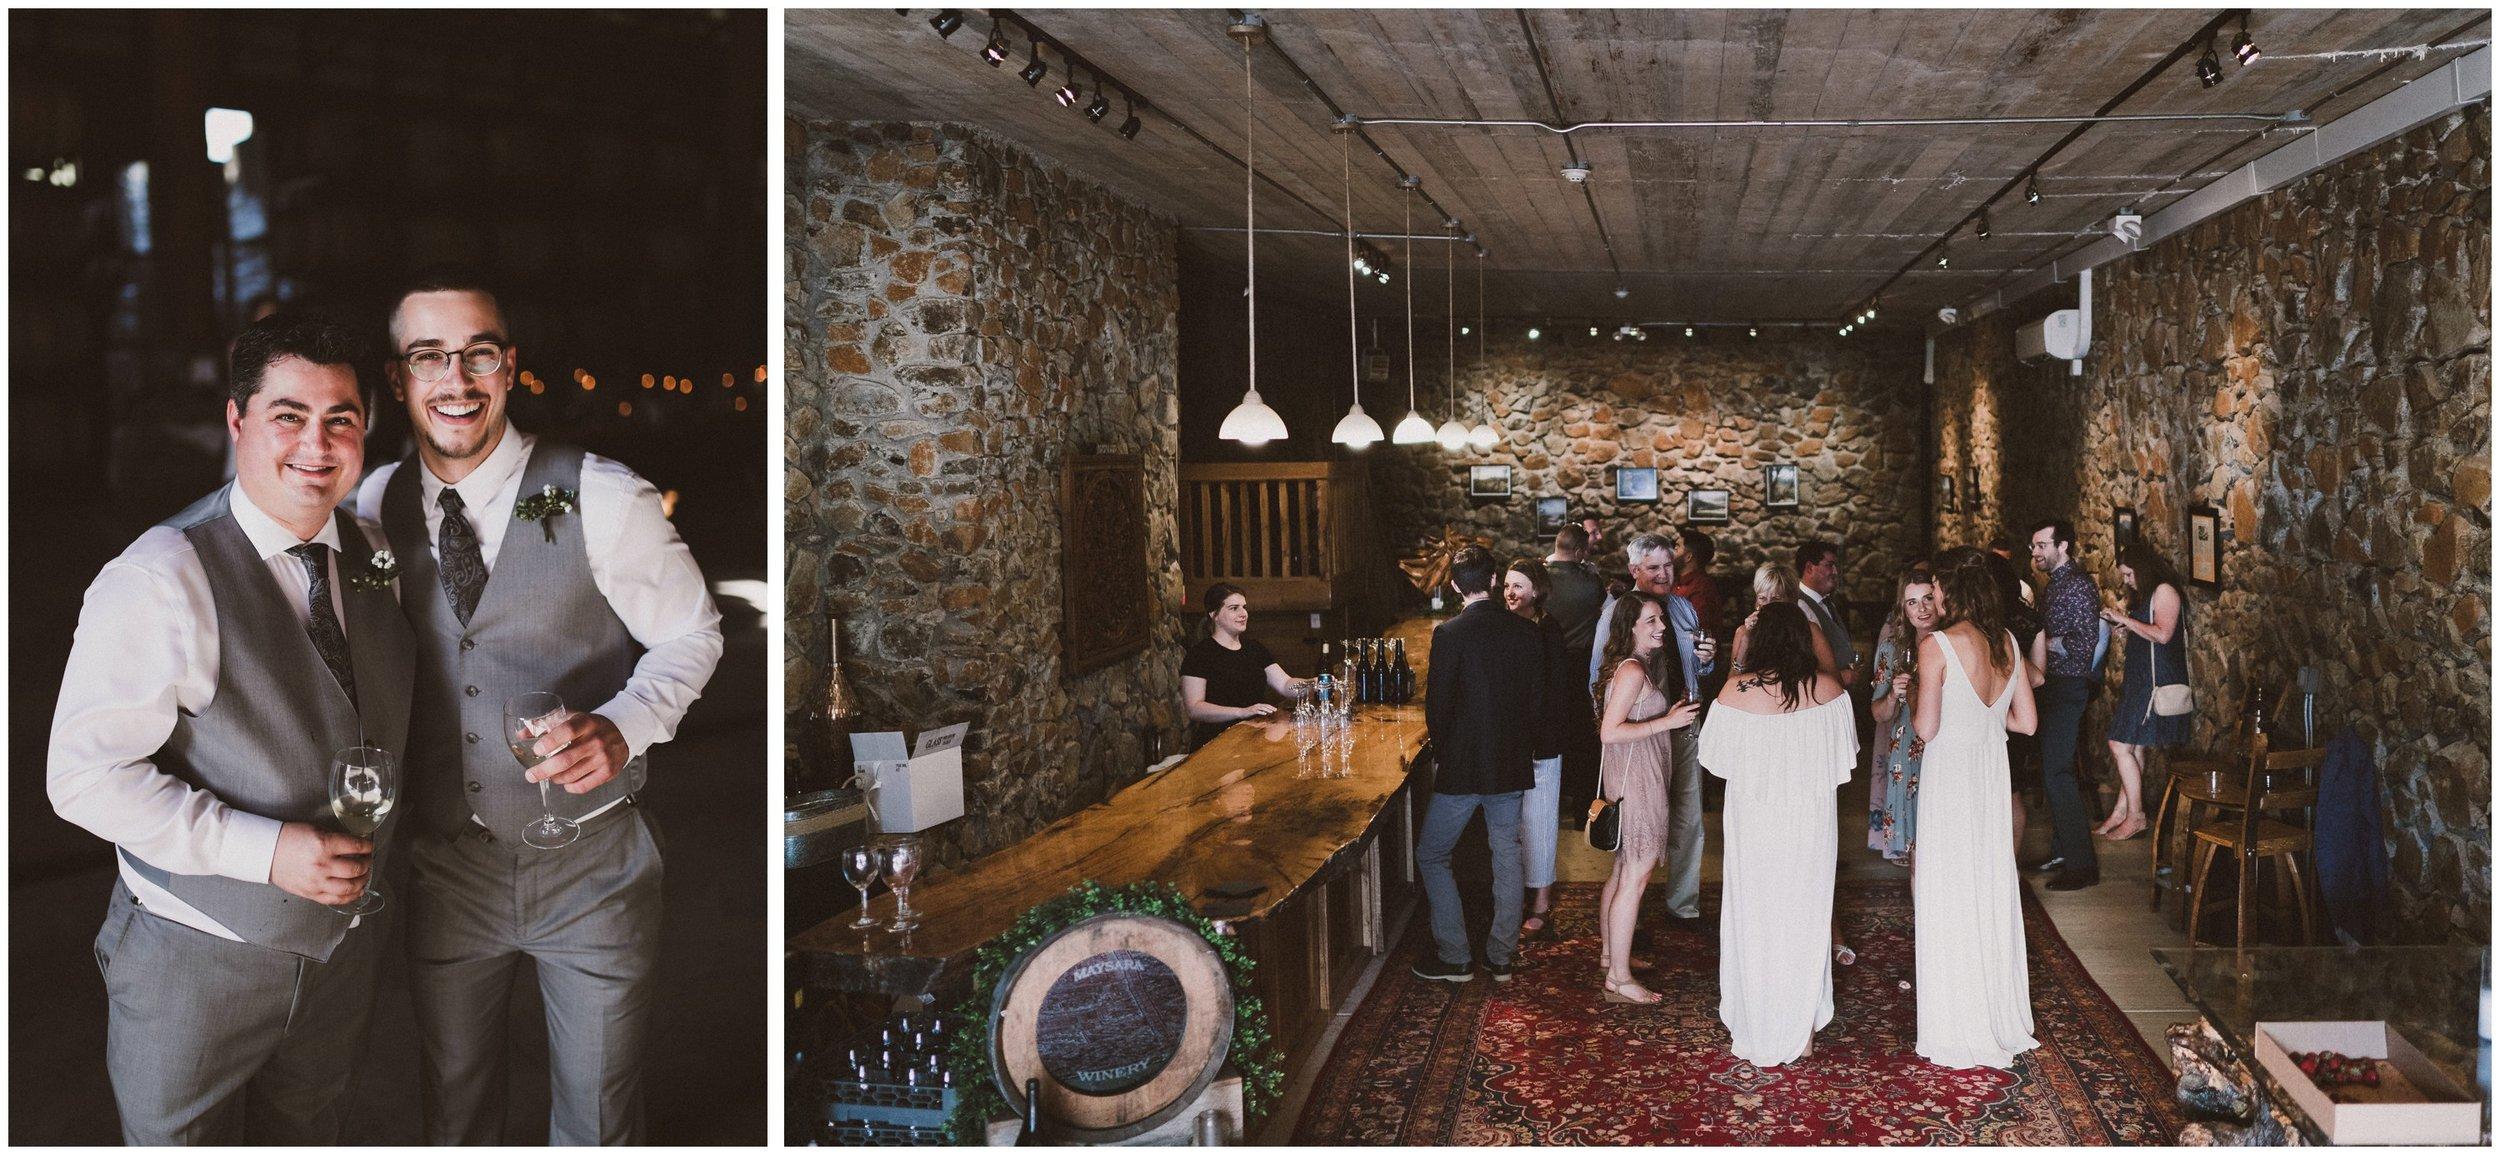 TONY-GAMBINO-PHOTOGRAPHY-BEND-OREGON-WEDDING-SHOOT-000_1532.jpg